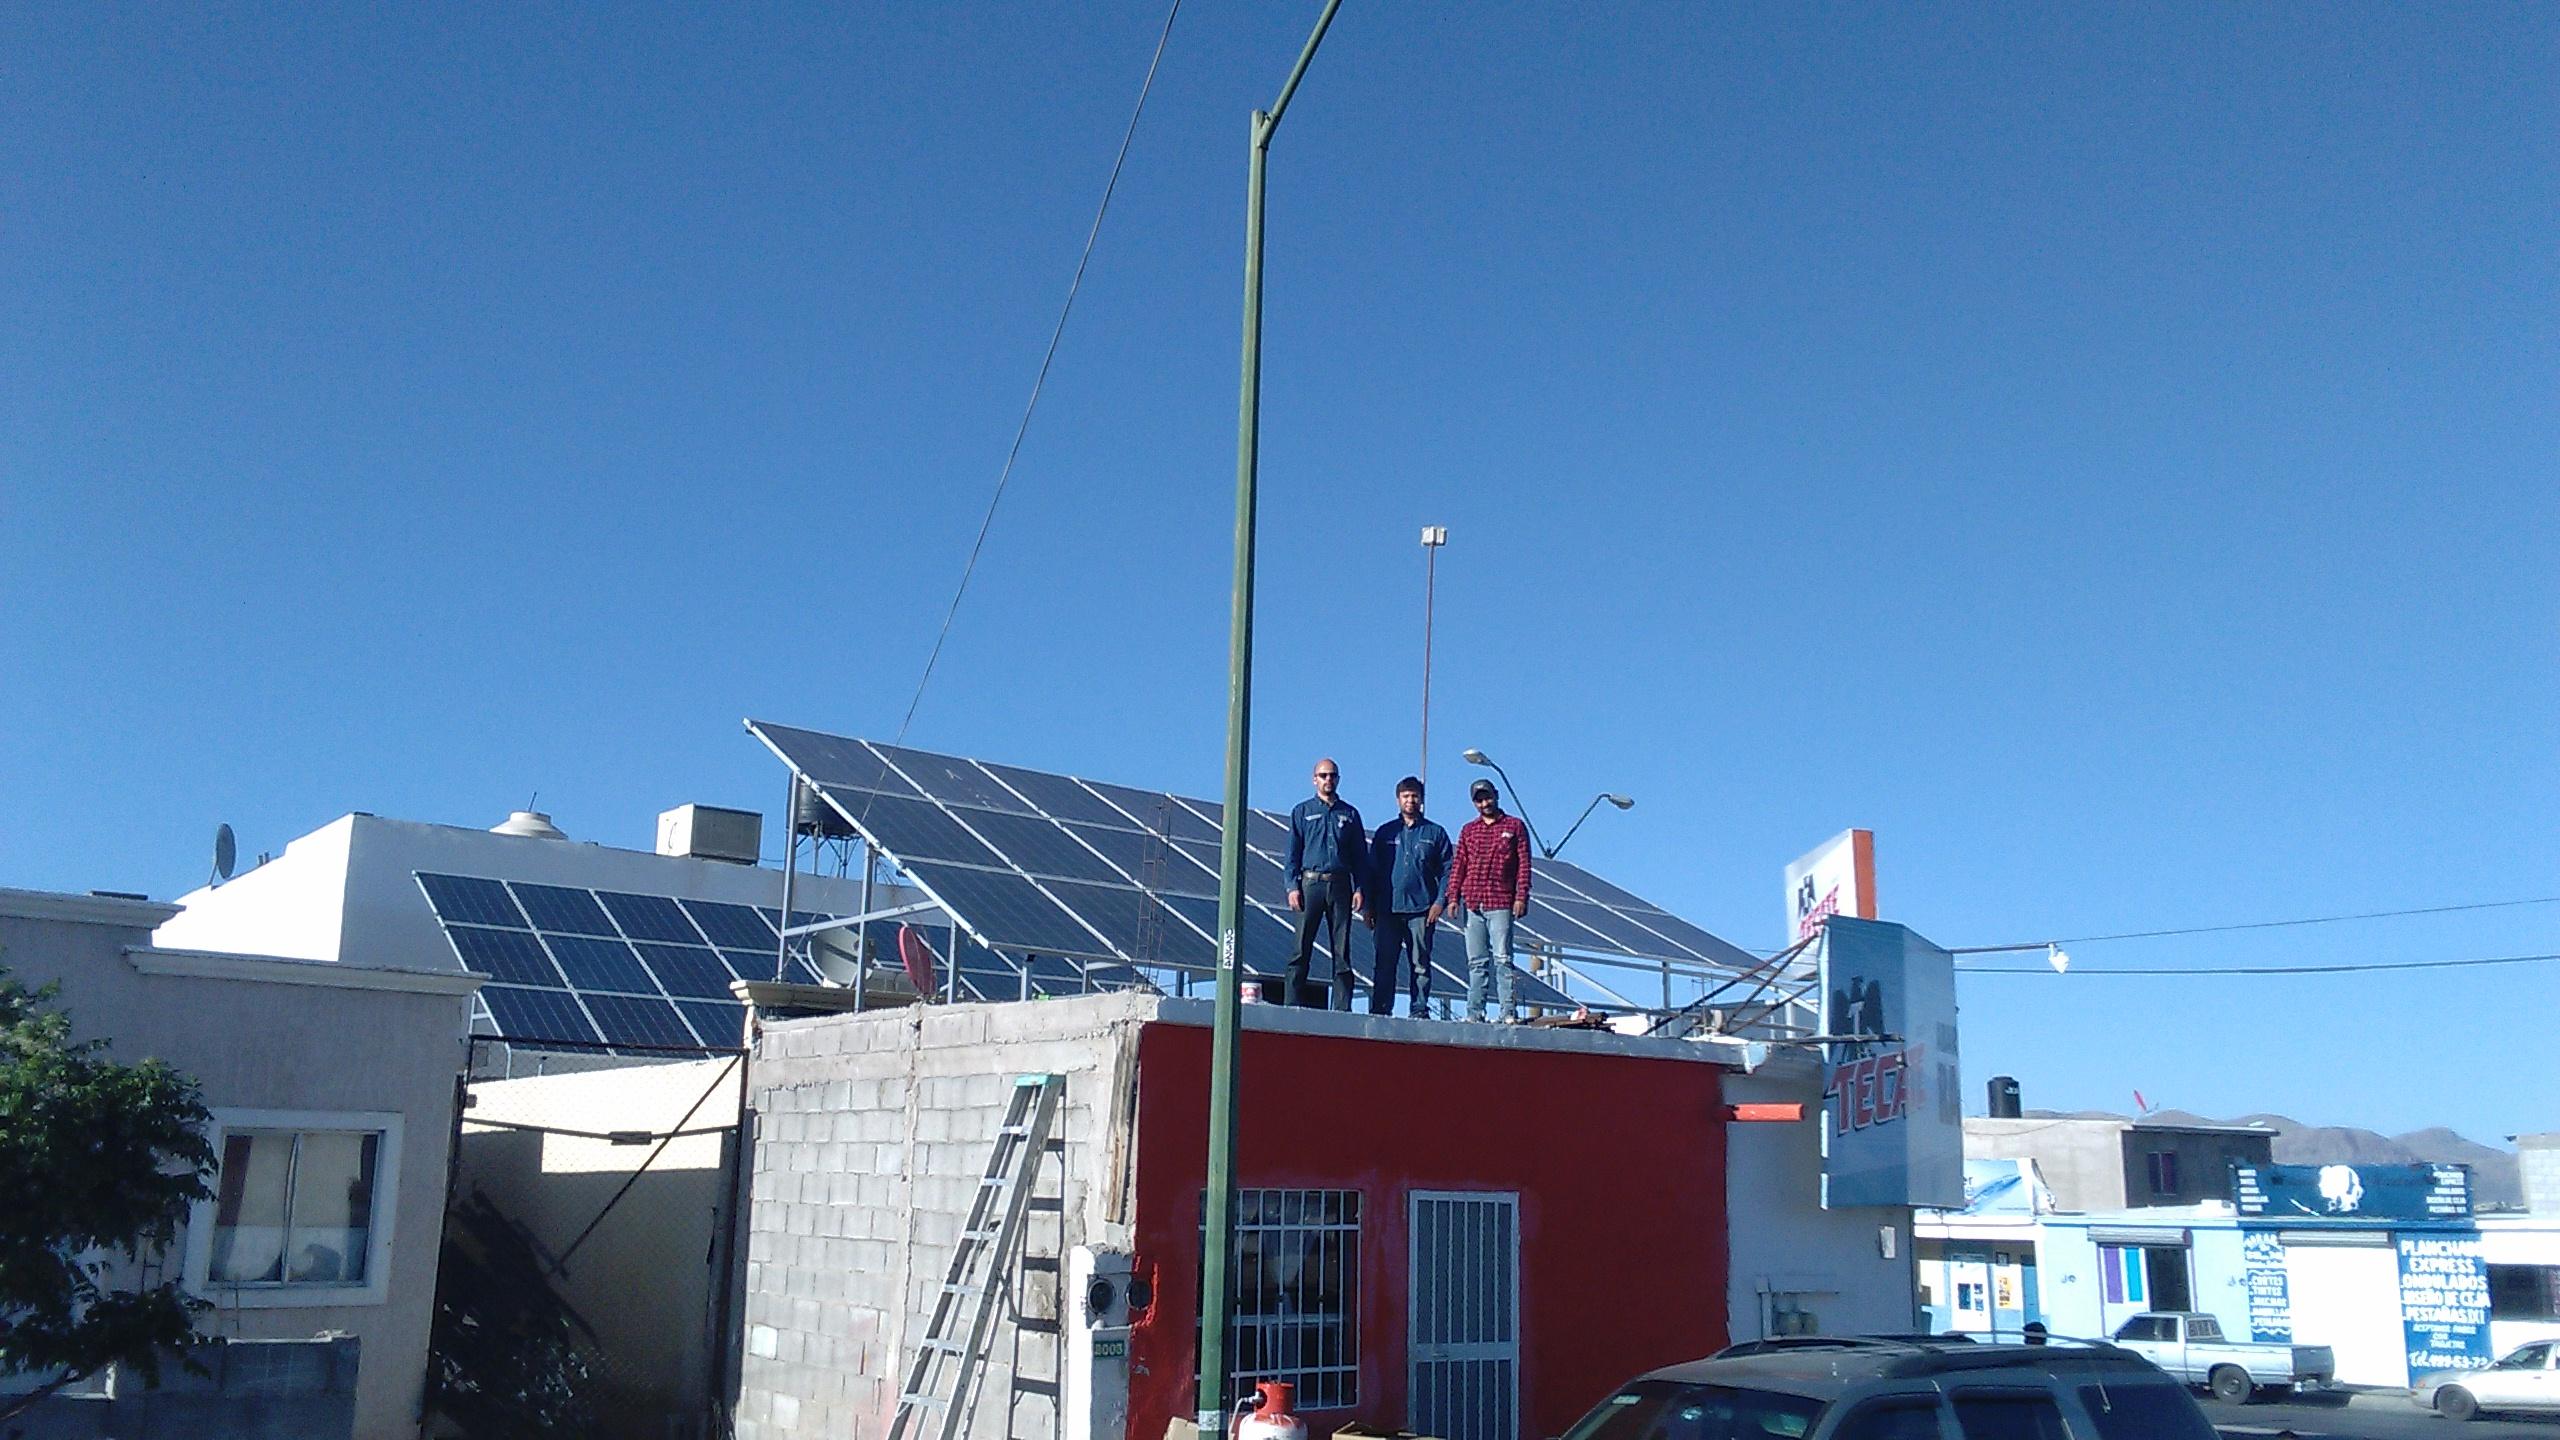 Tienda con Energía Solar